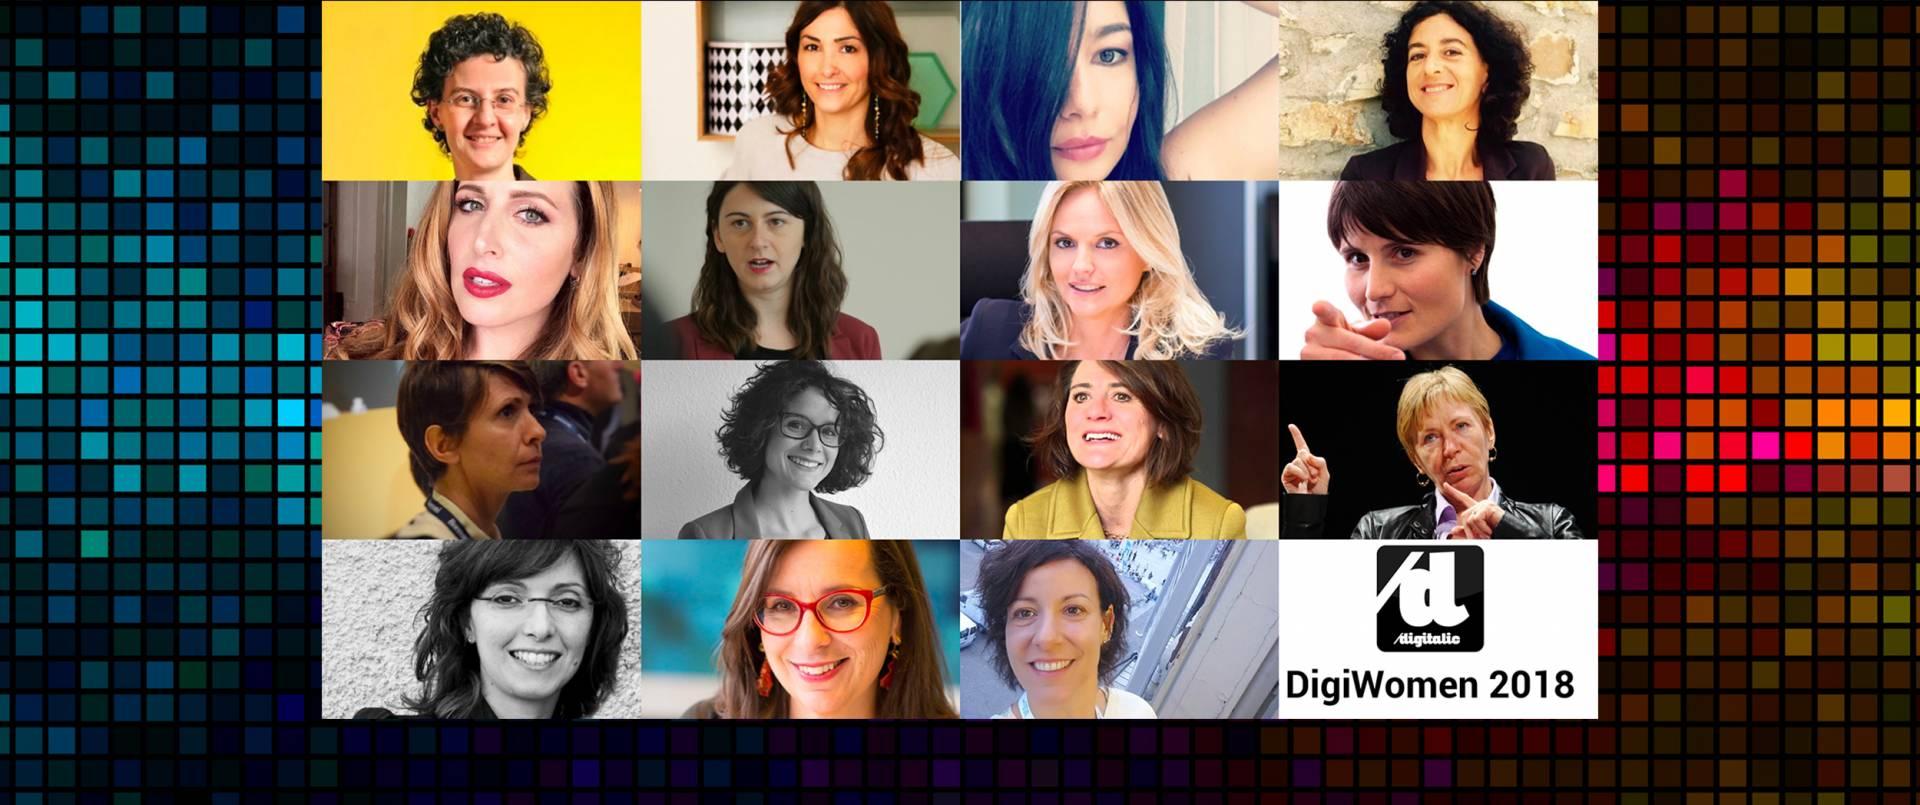 Le 15 donne più influenti nel digitale in Italia: Digiwomen 2018